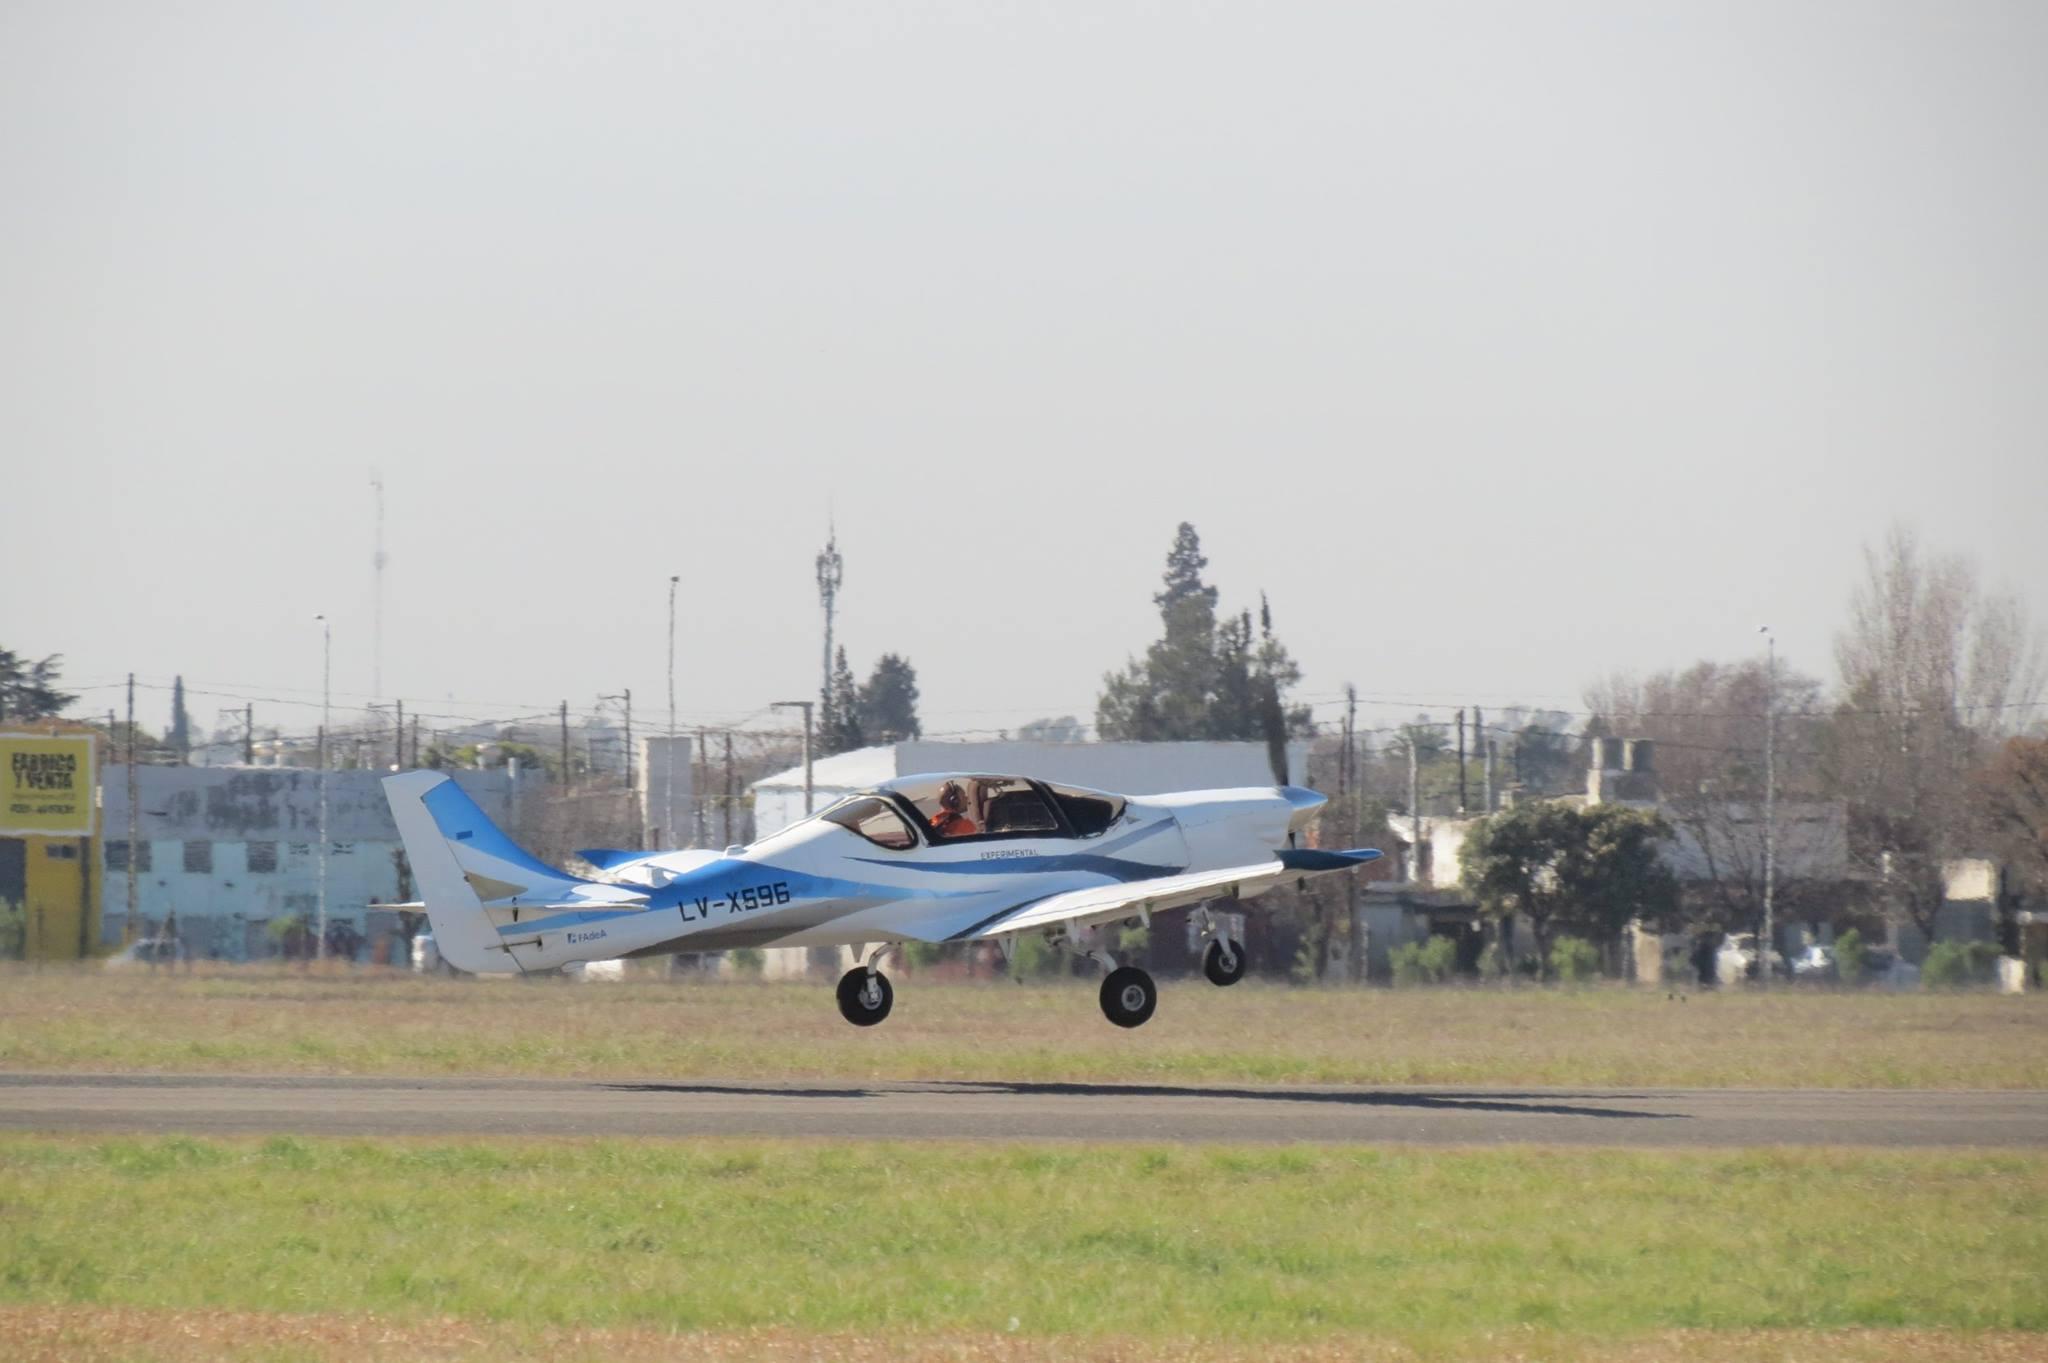 LV-X596-Córdoba-Argentina-4